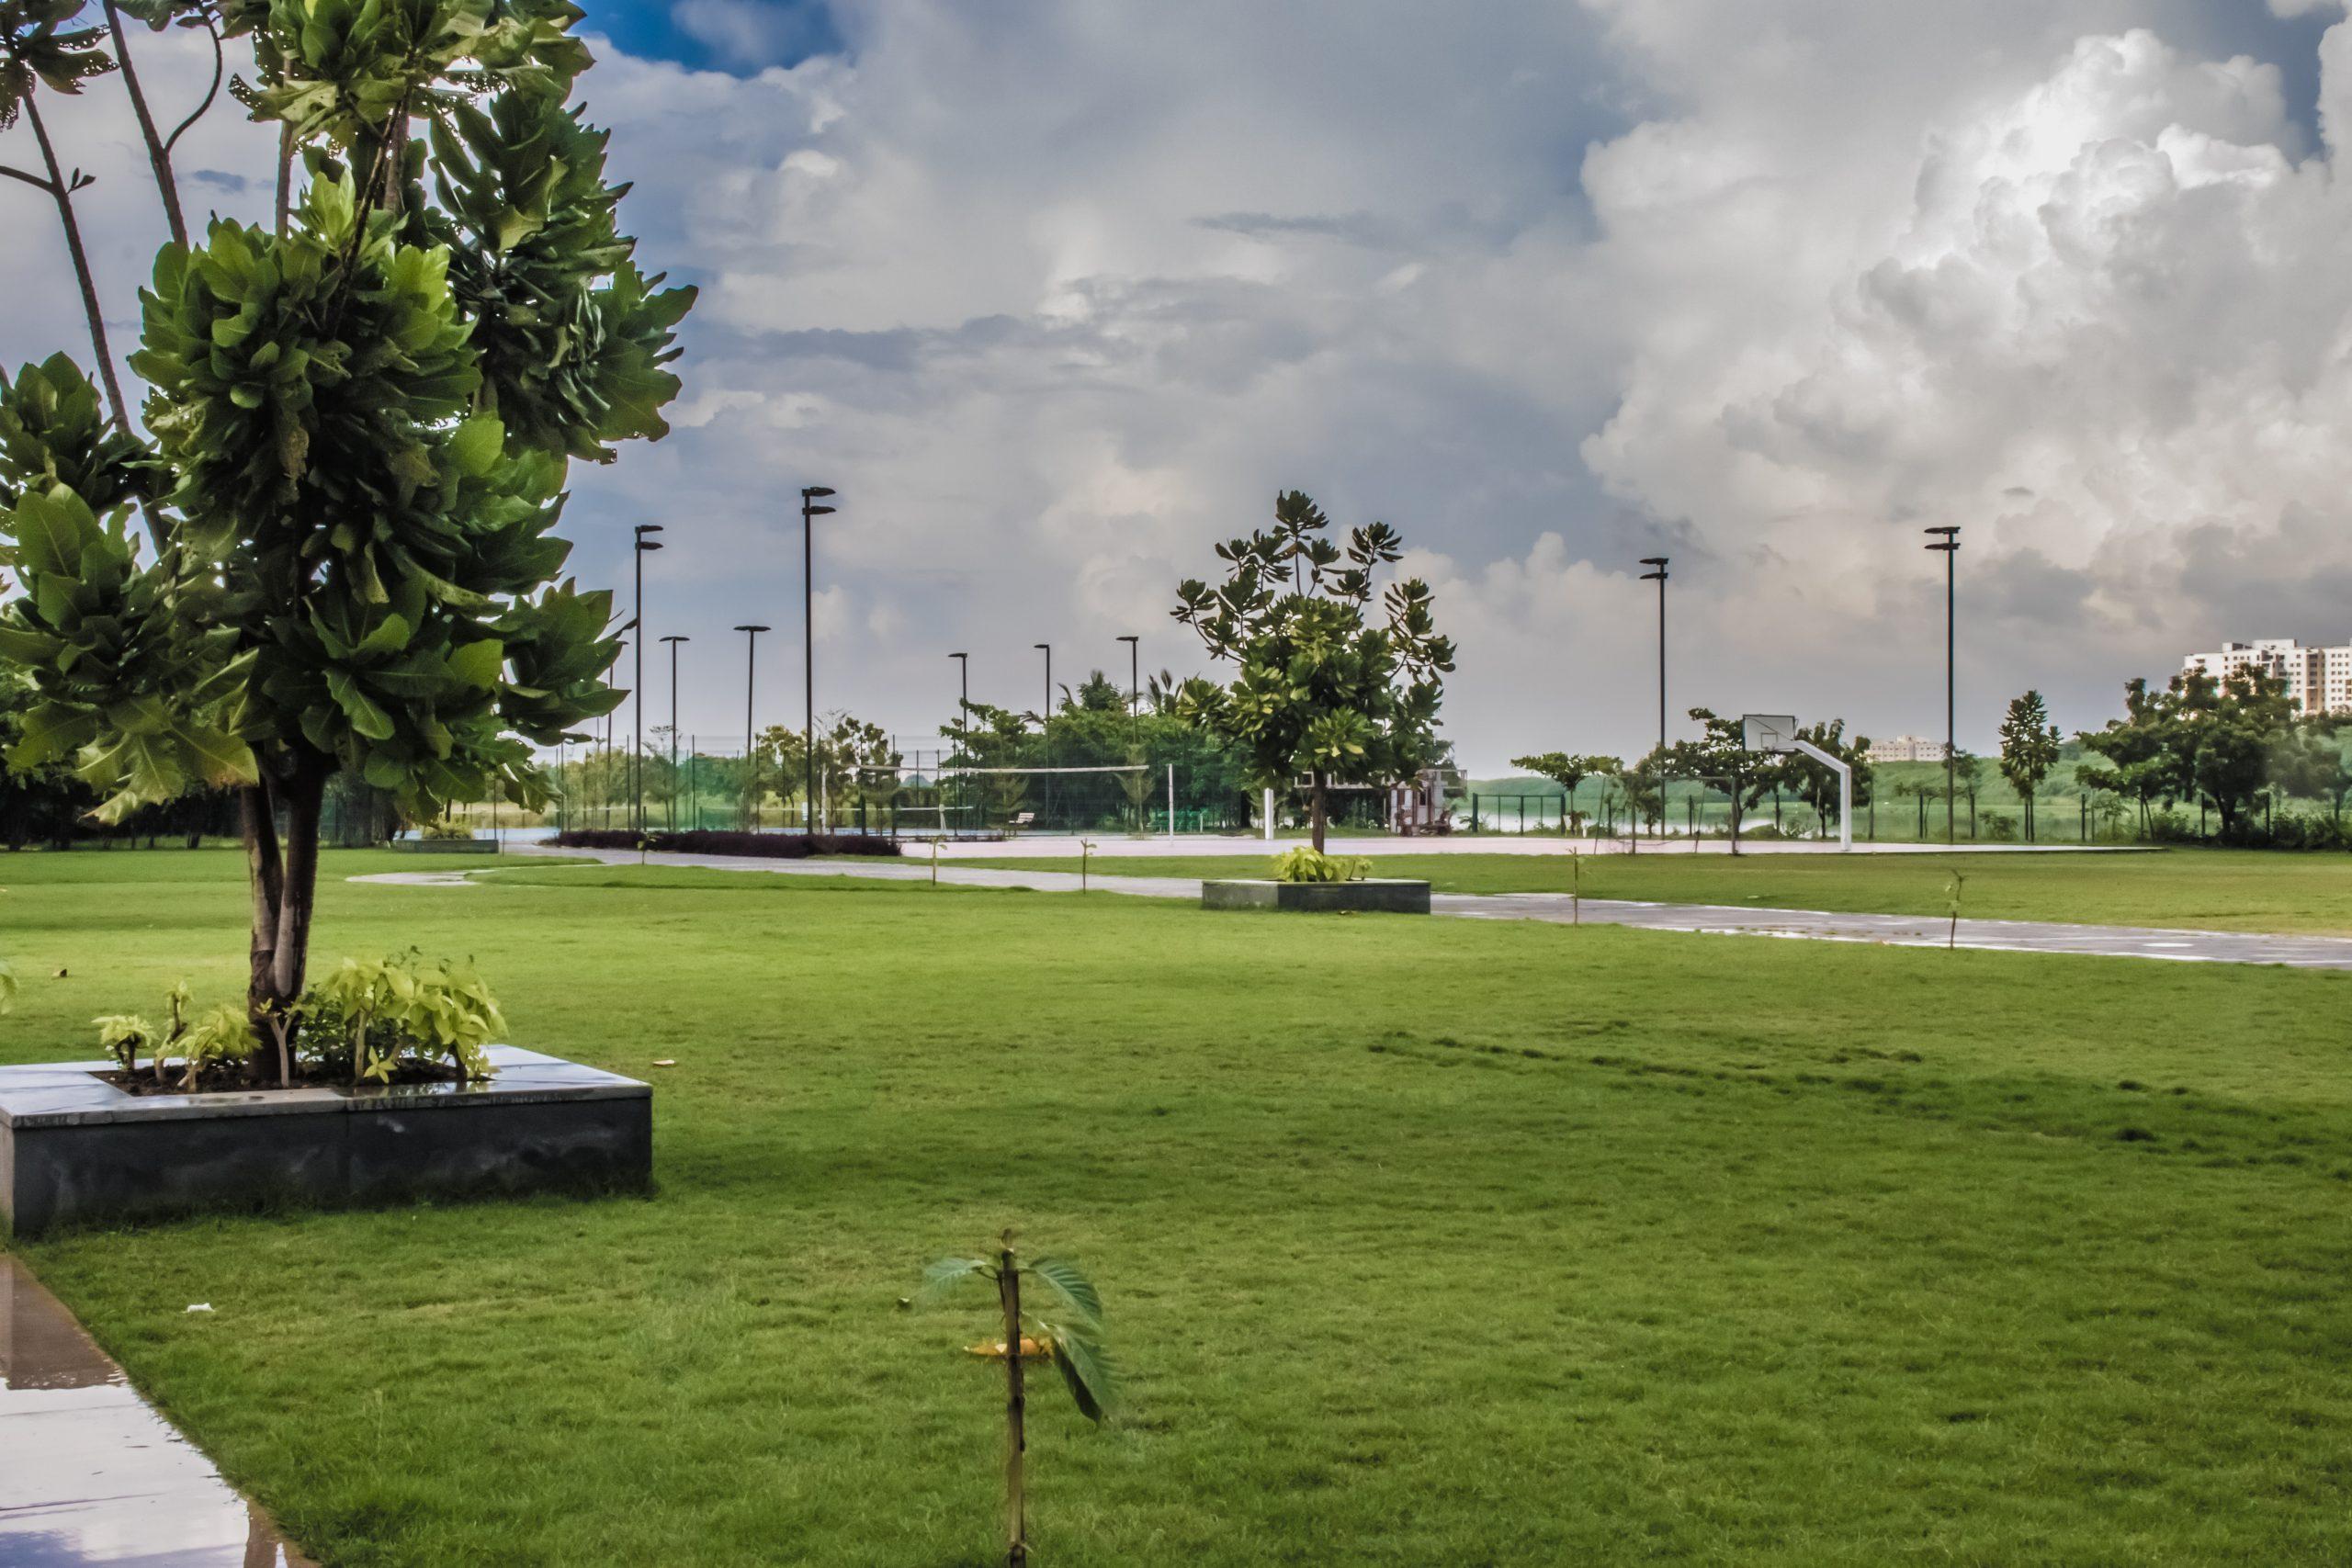 Lawn of a public park